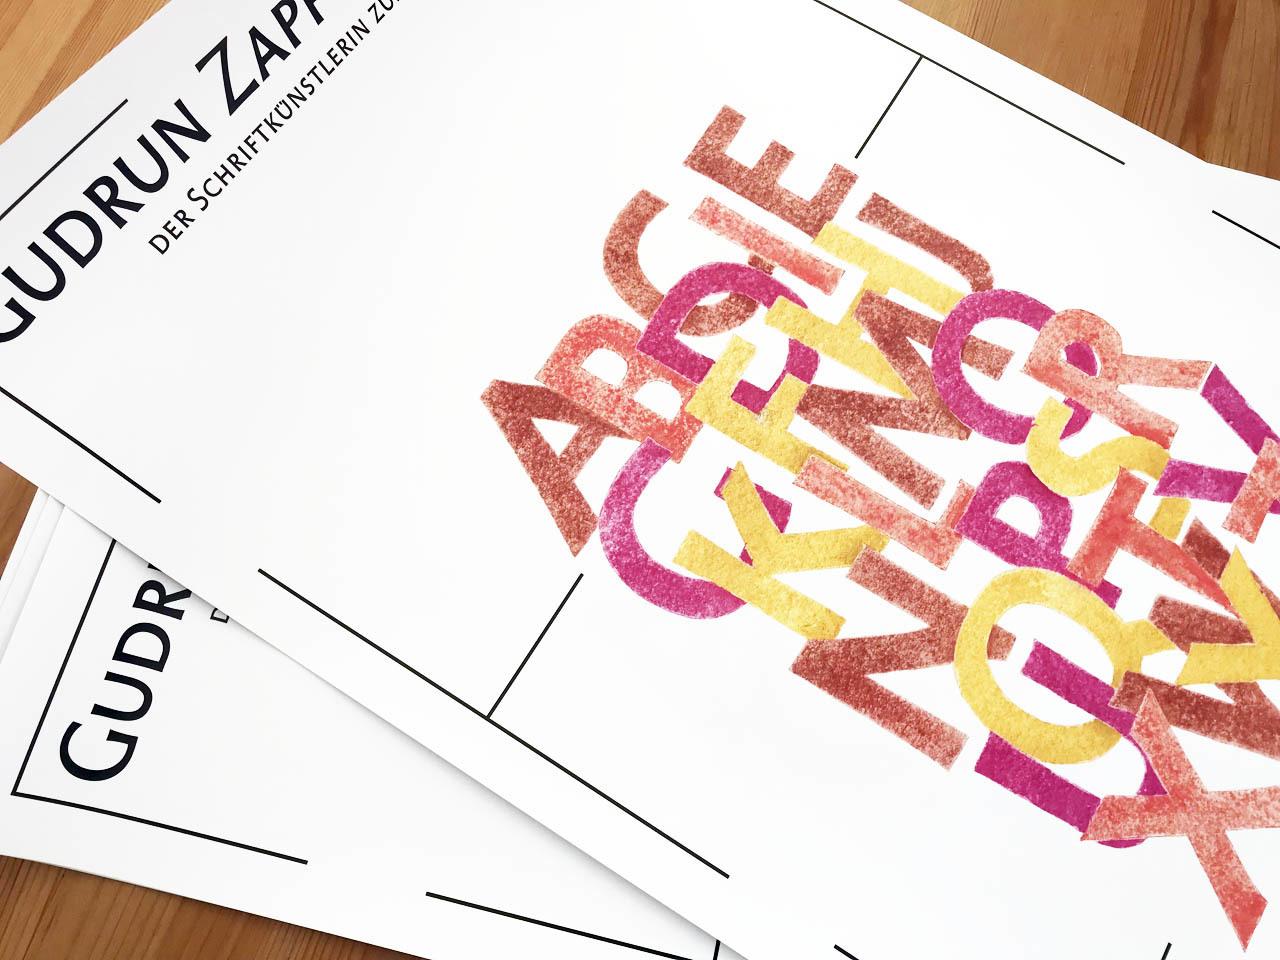 グドルン・ツァップさんの展覧会、ダルムシュタットで4月15日まで_e0175918_23365017.jpg